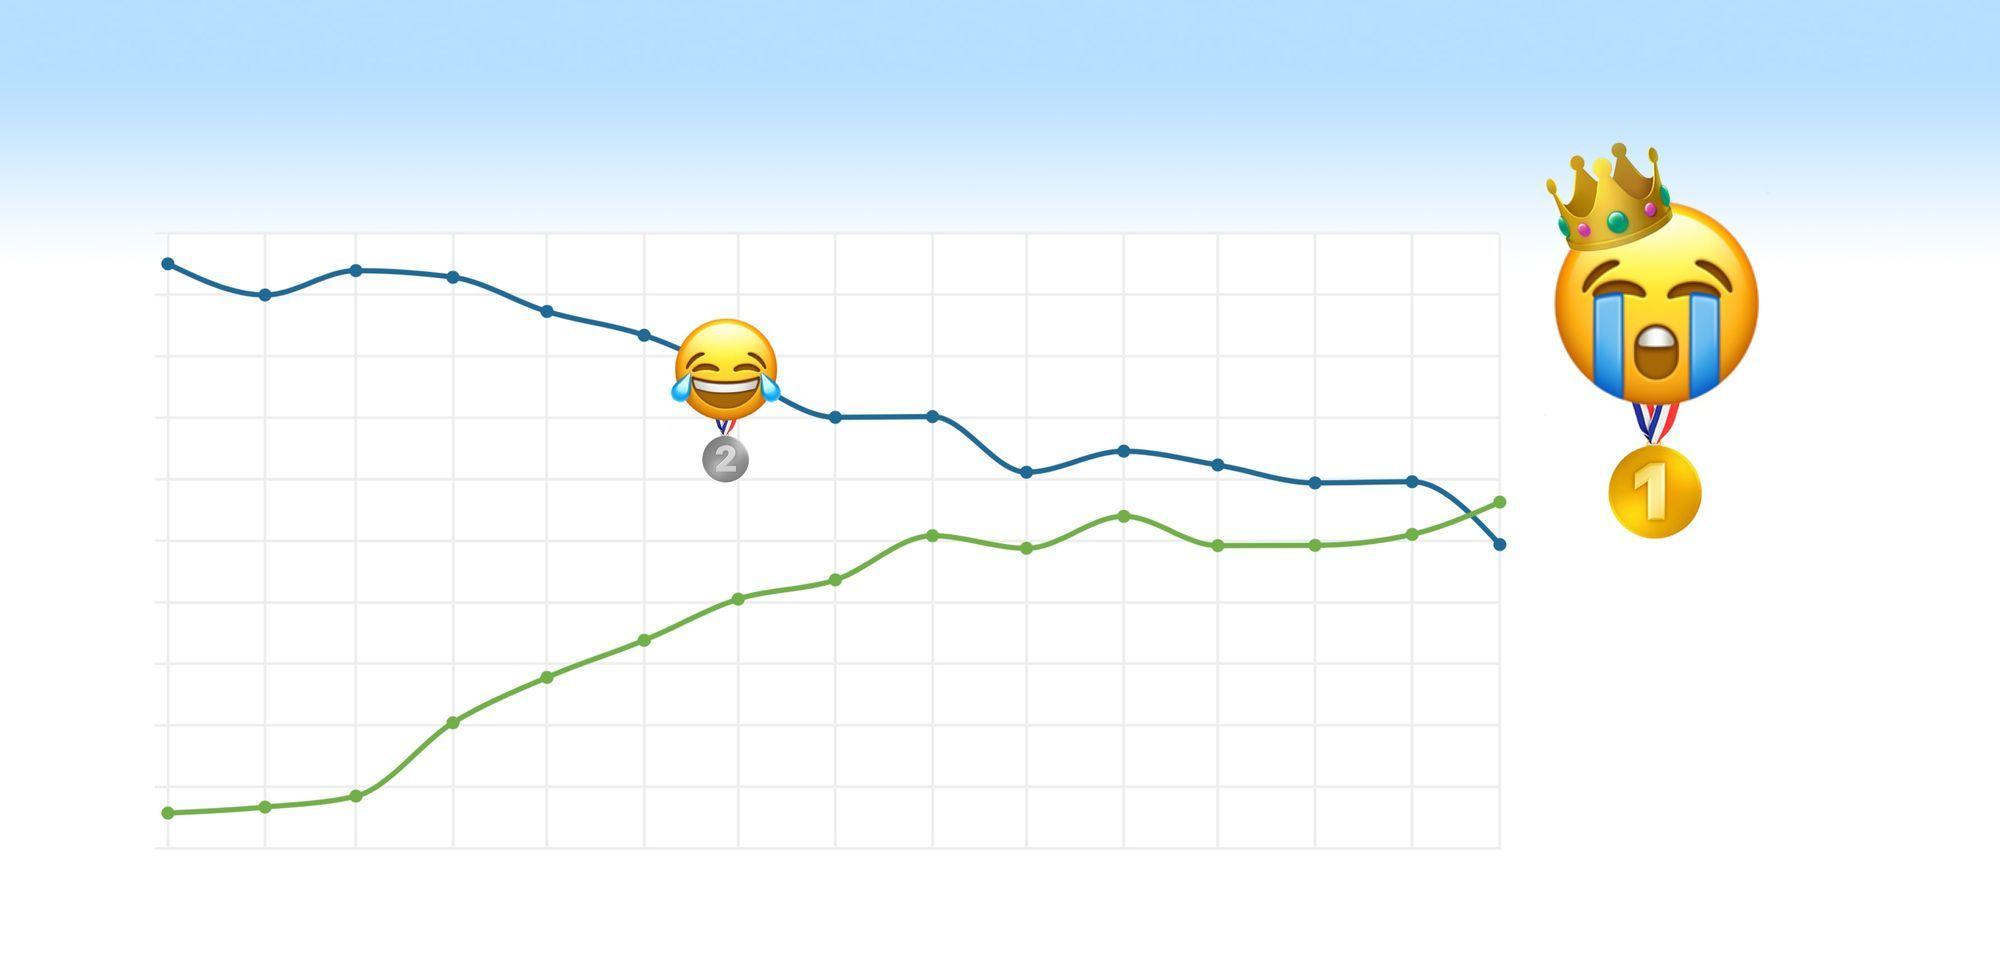 Már nem a sírva nevetős emoji a legnépszerűbb